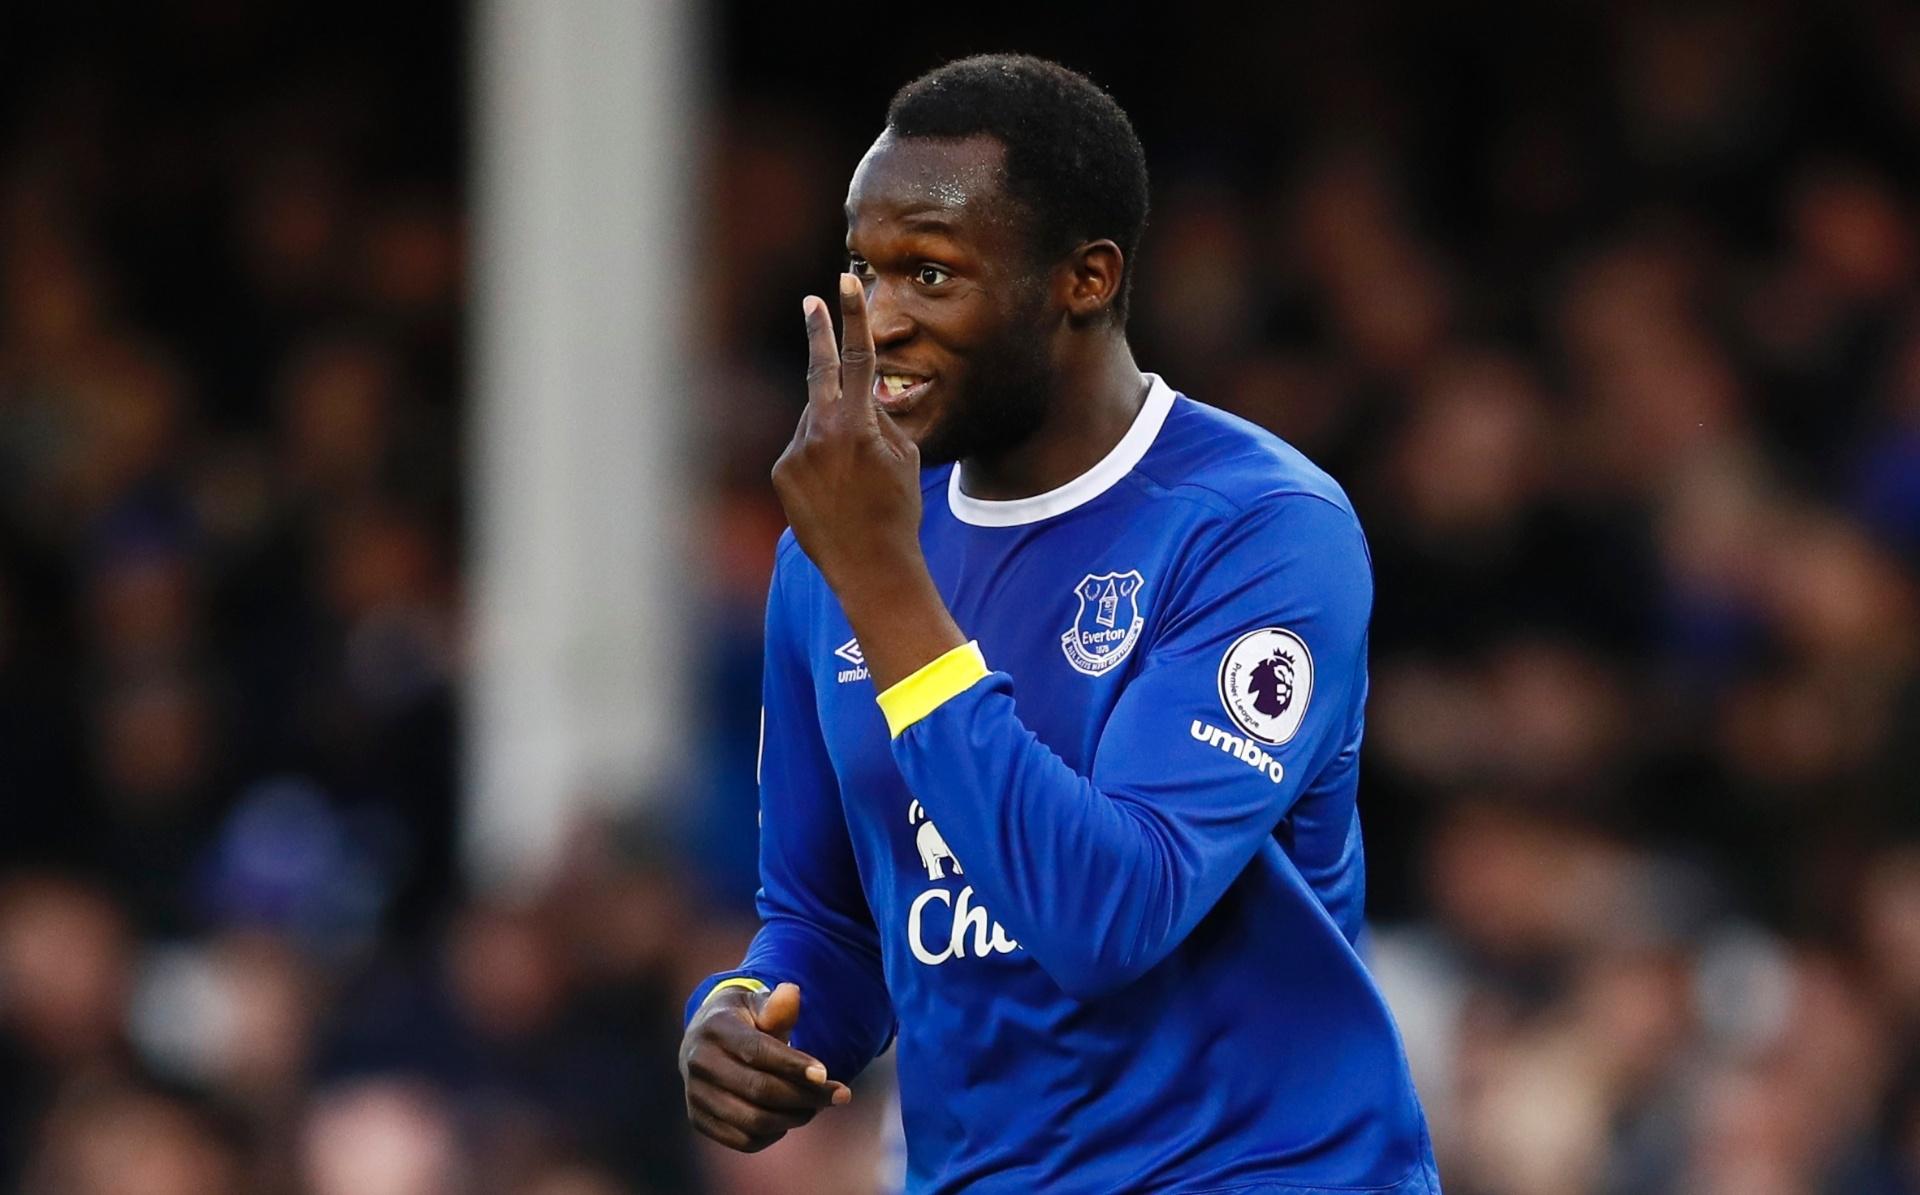 Empresário frustra Chelsea e diz que Lukaku vai renovar com o Everton -  Esporte - BOL 701da025cdbf7